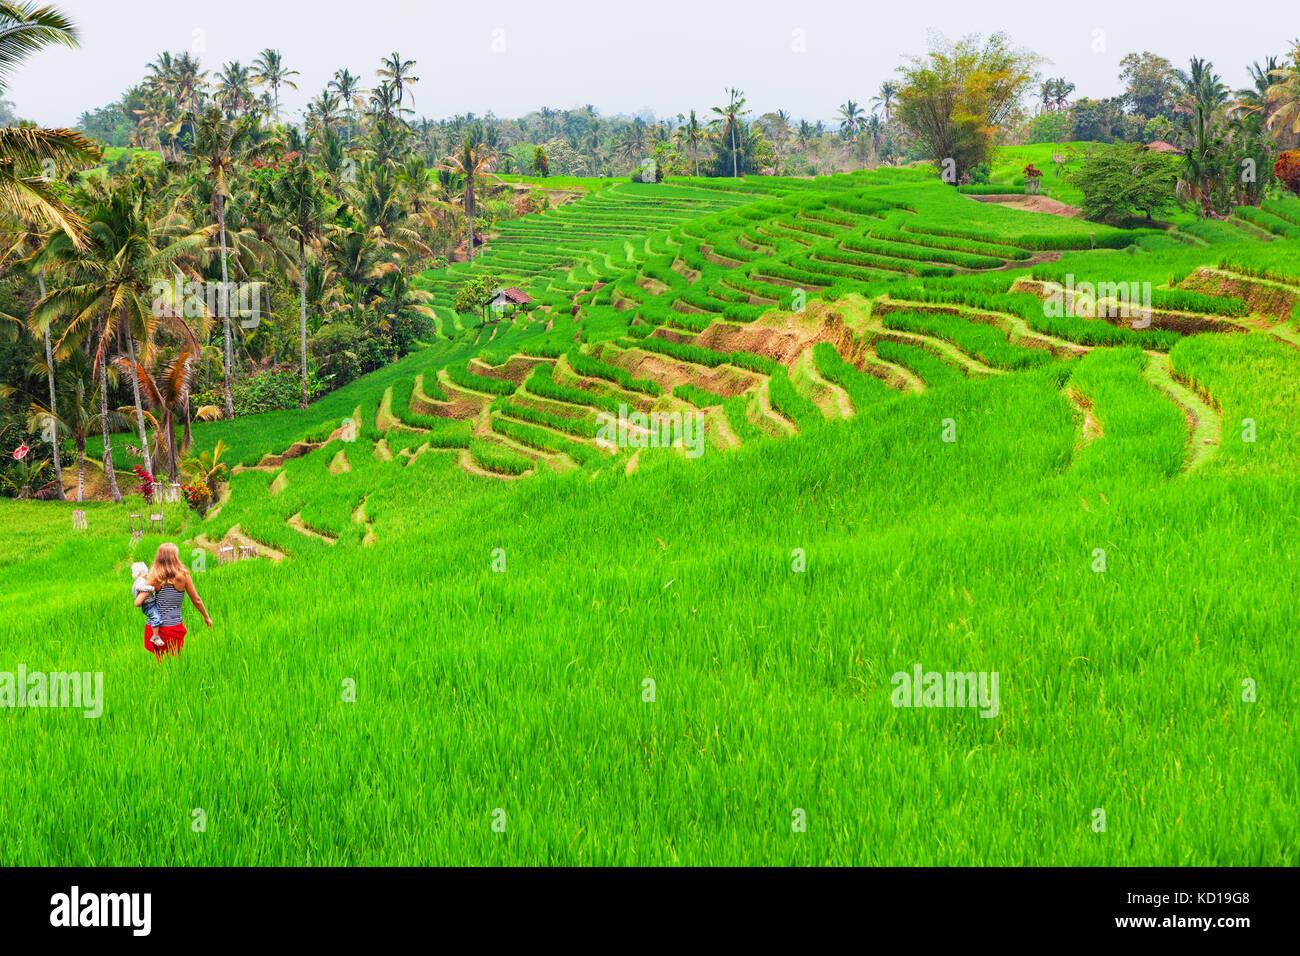 Maman avec bébé marche en terrasse avec une plantation de riz vert. Belle vue sur champs traditionnels. Photo Stock